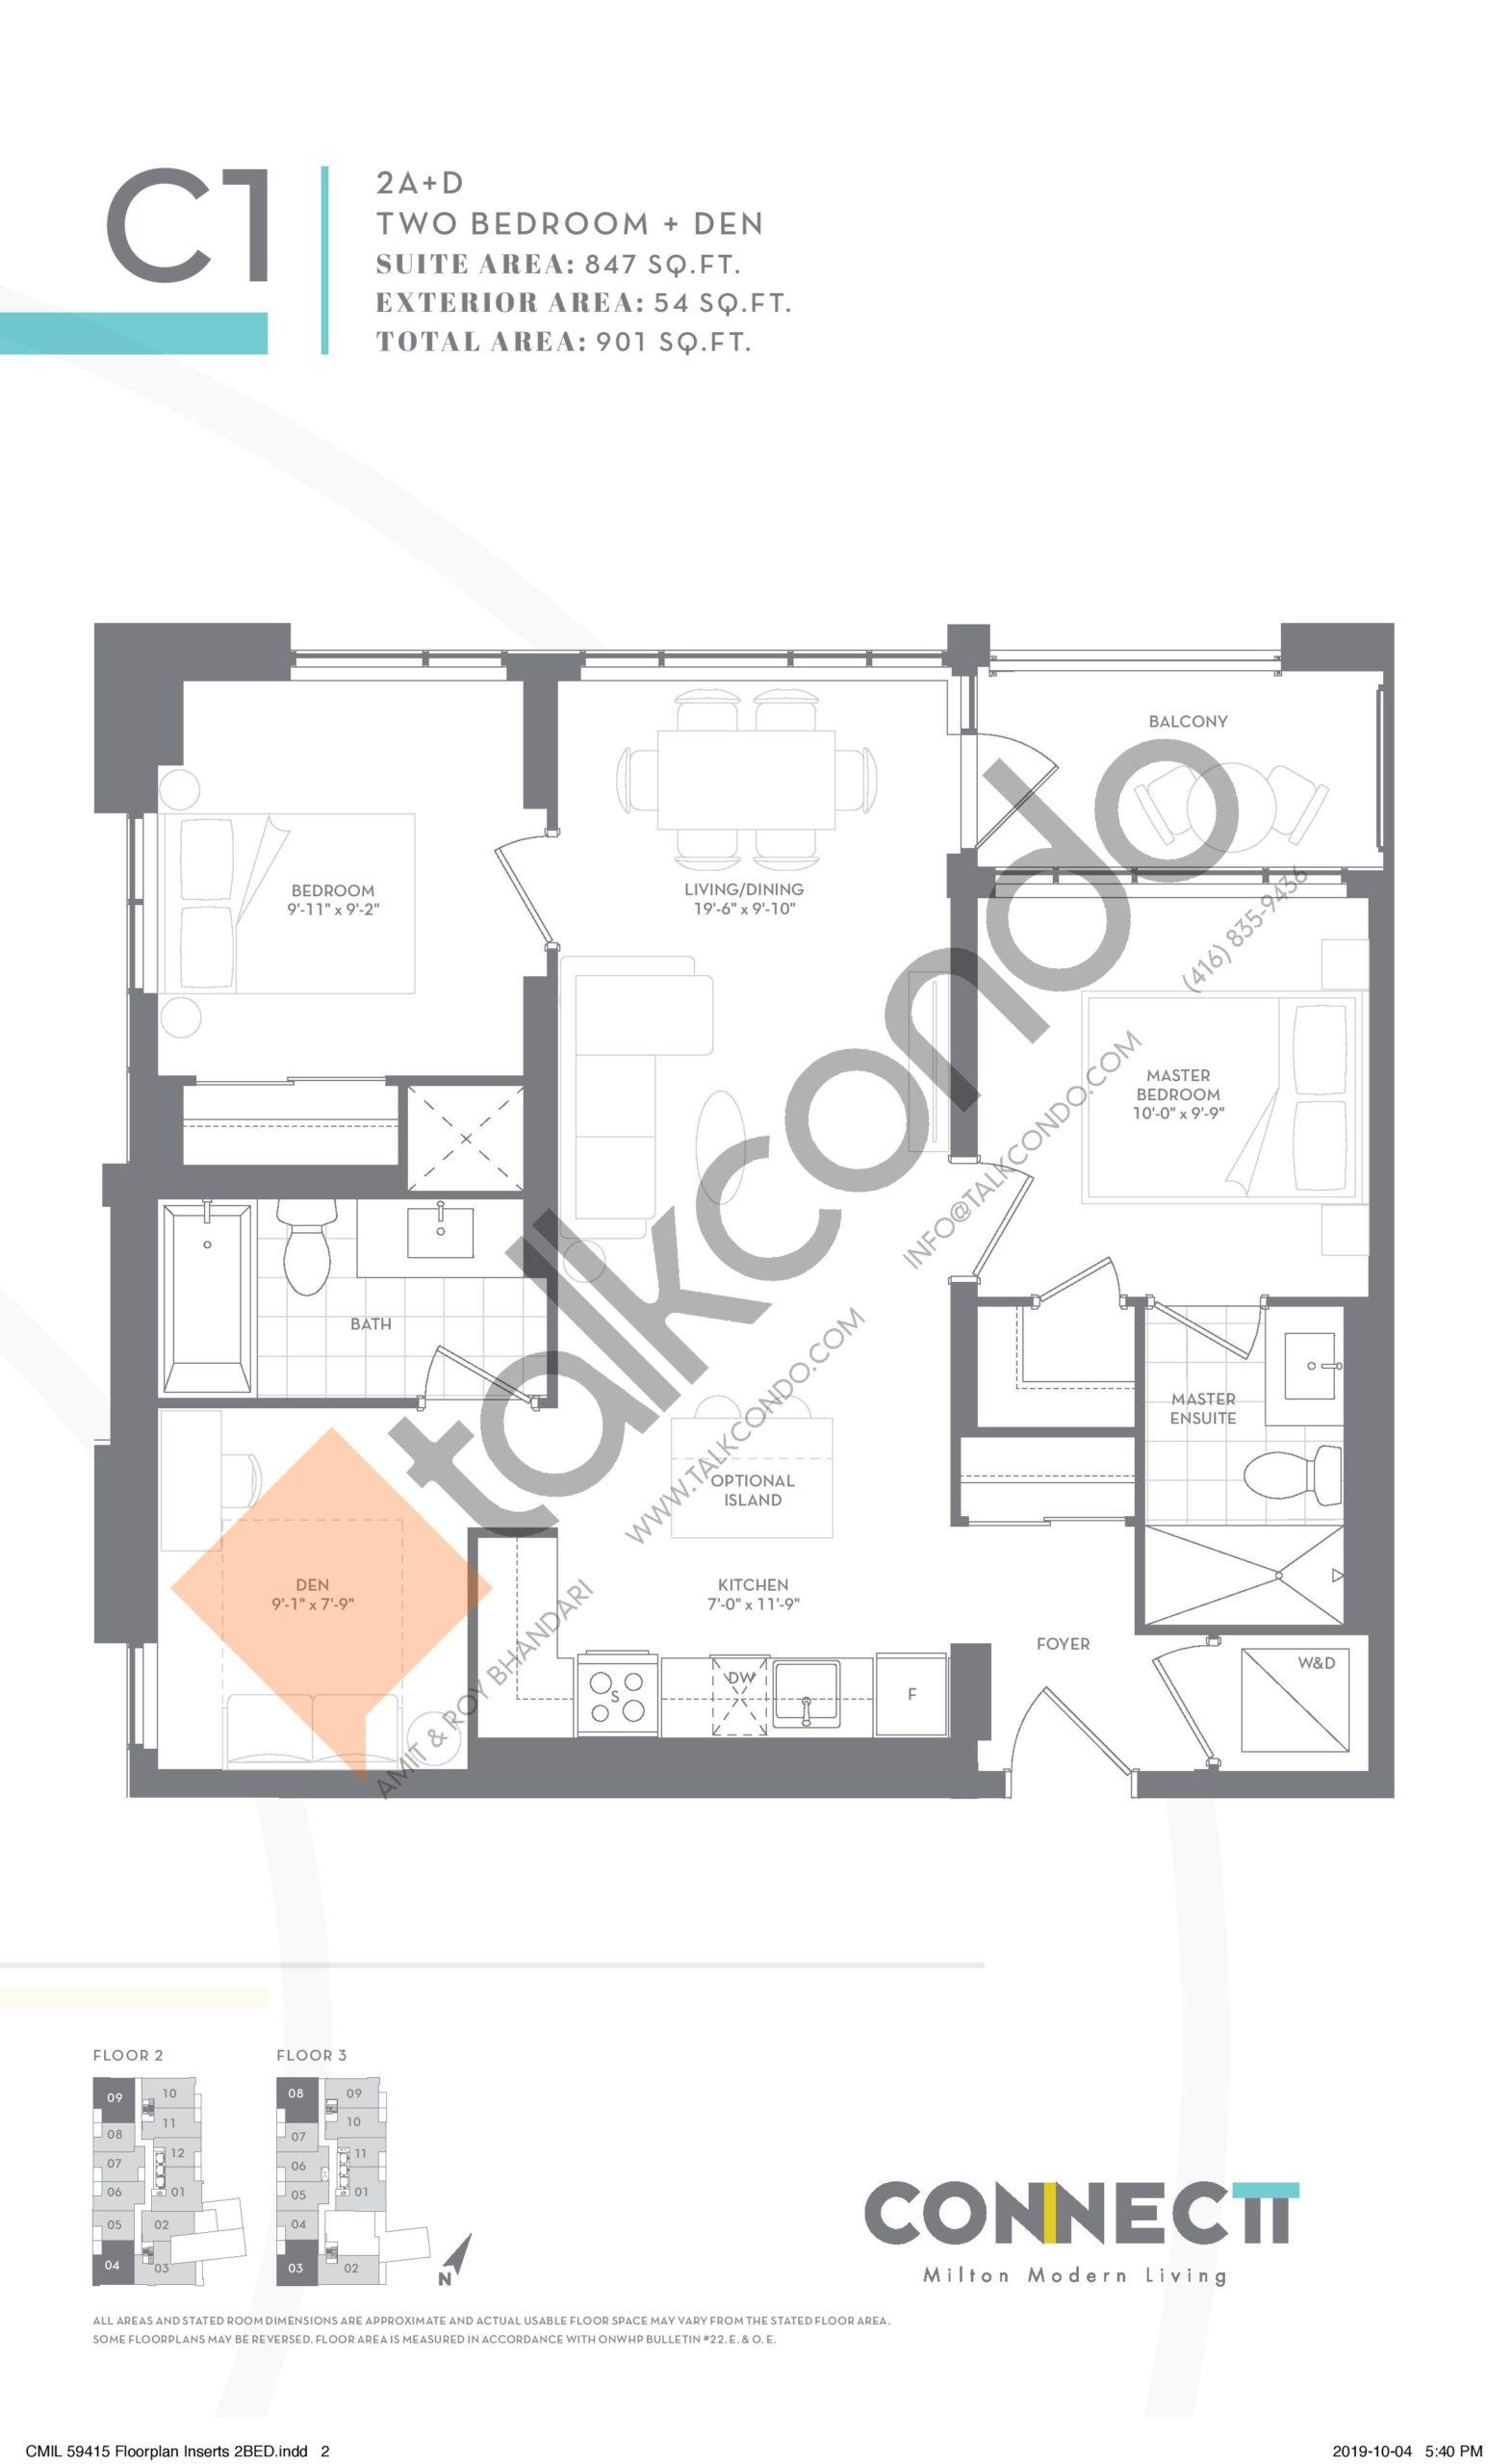 2A+D Floor Plan at Connectt Urban Community Condos - 847 sq.ft